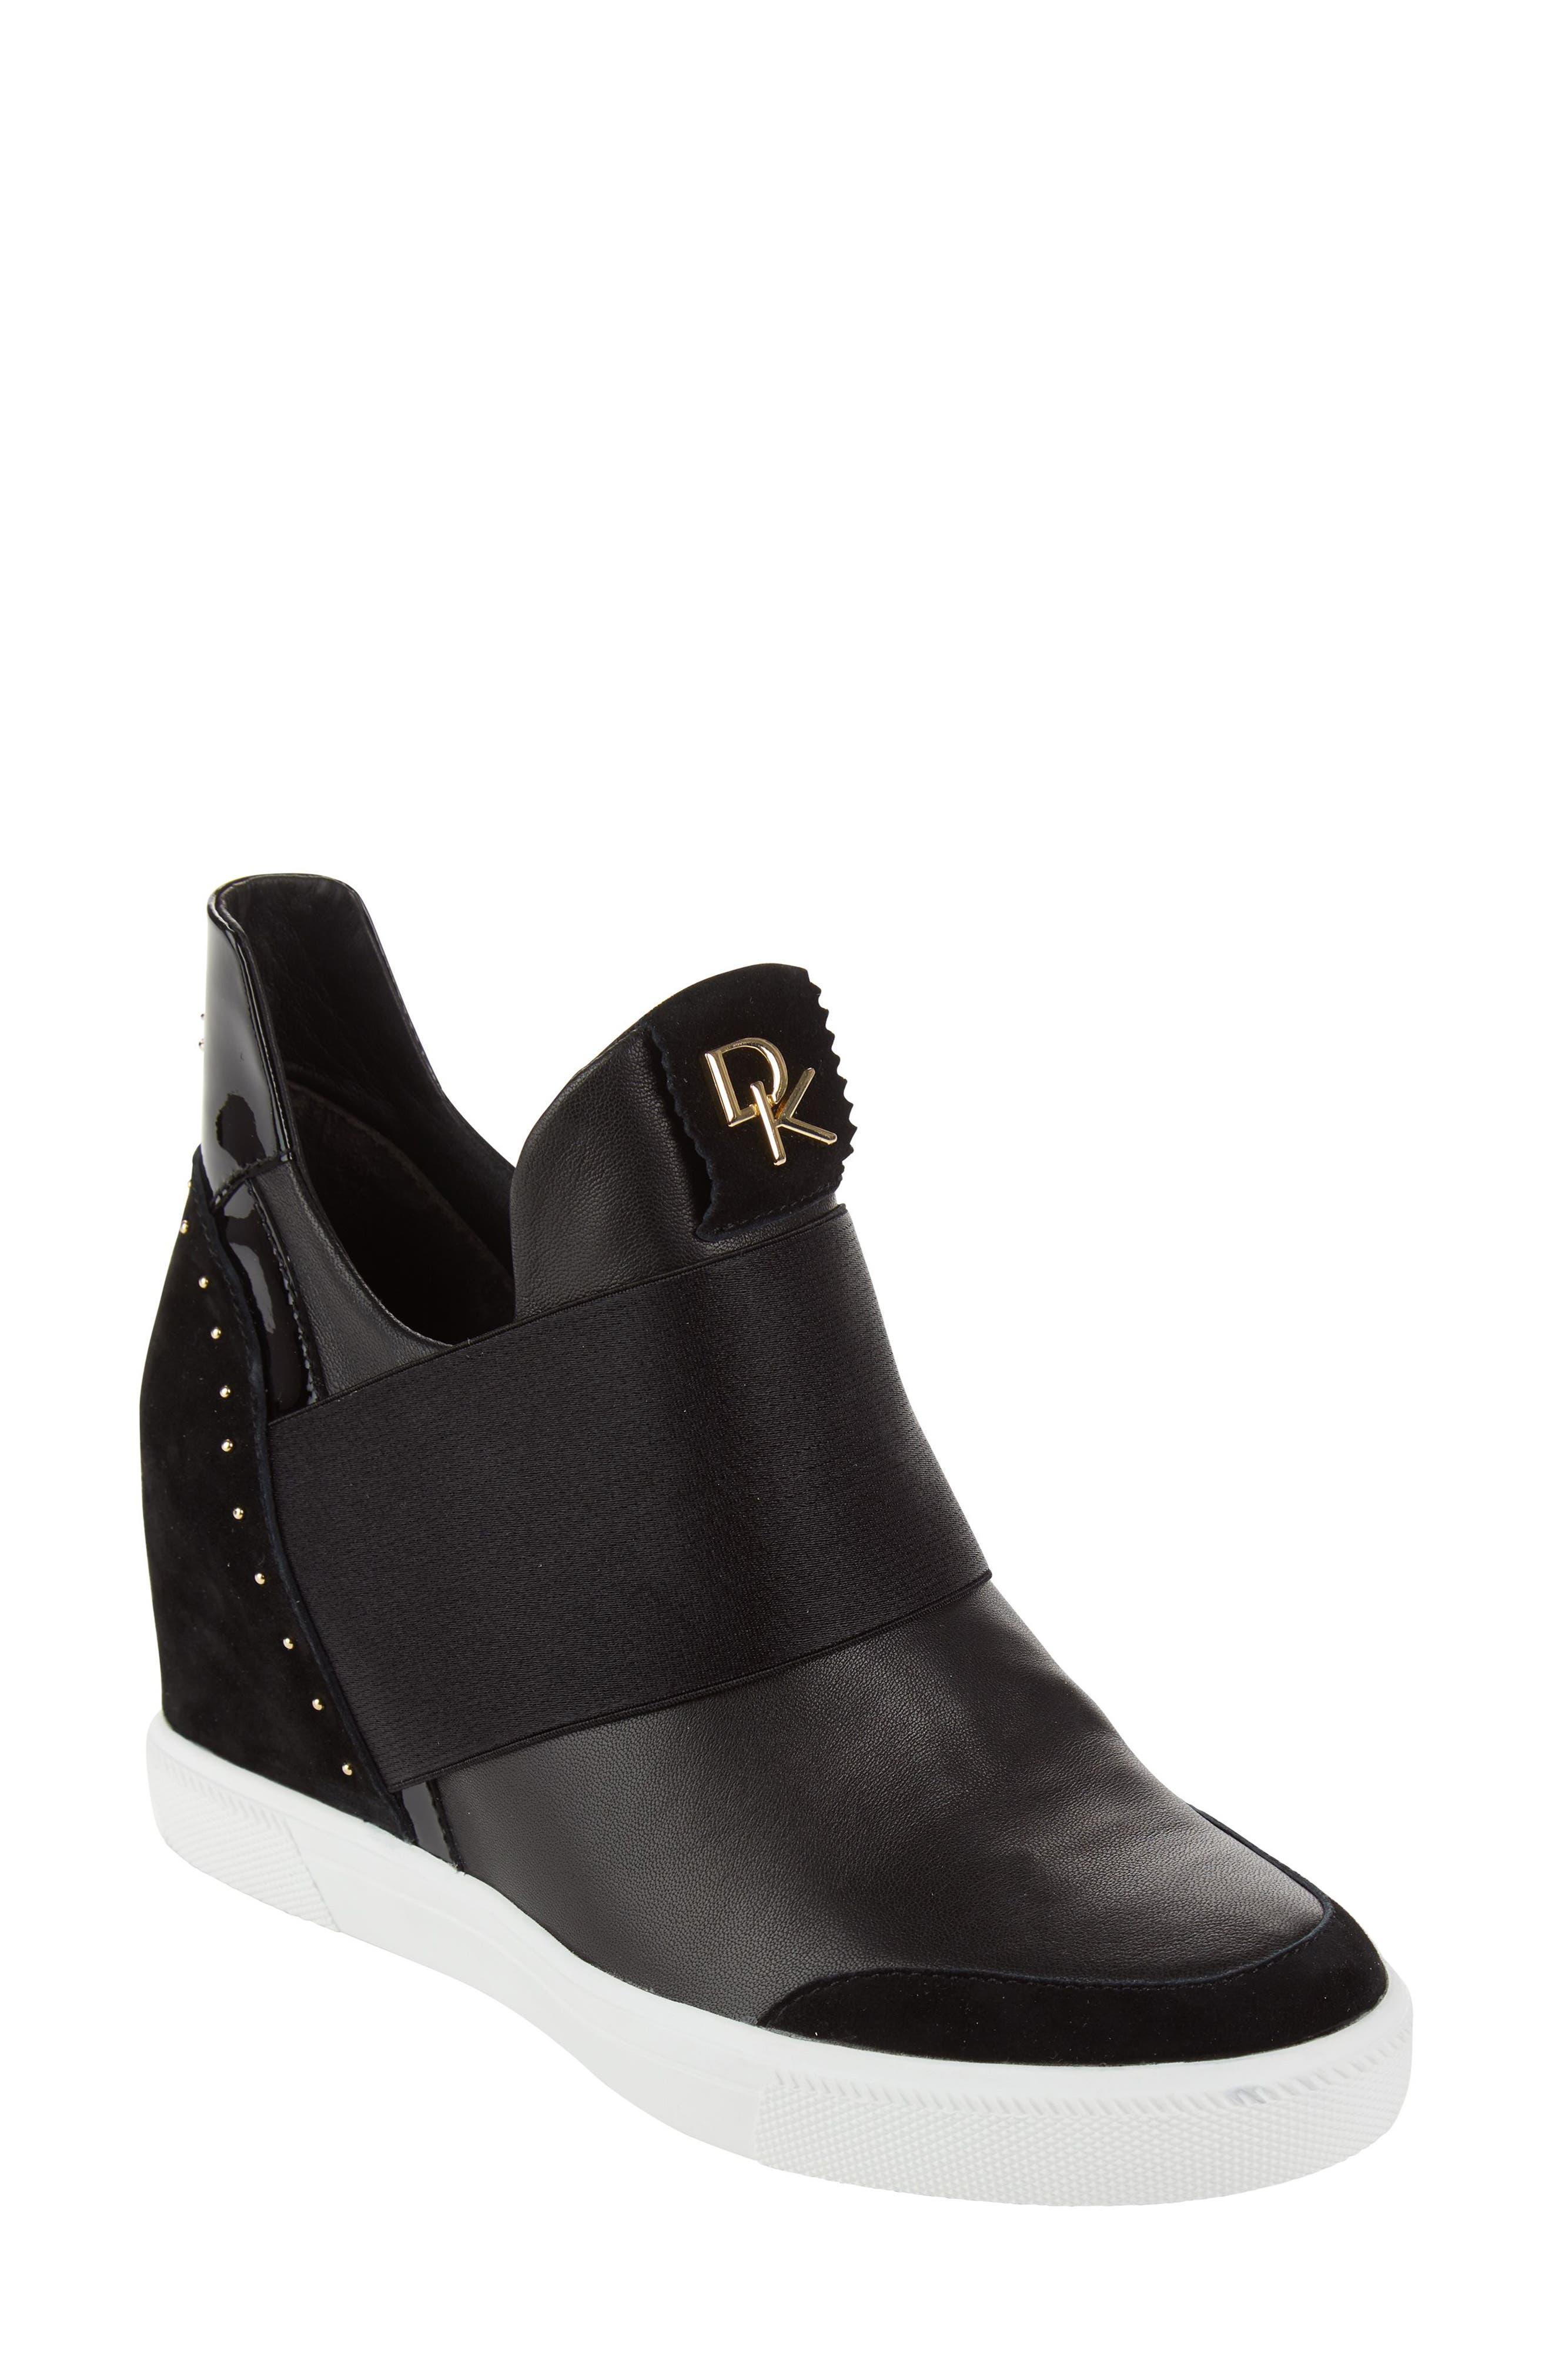 shoes donna karan coupon for 1008a 021c9